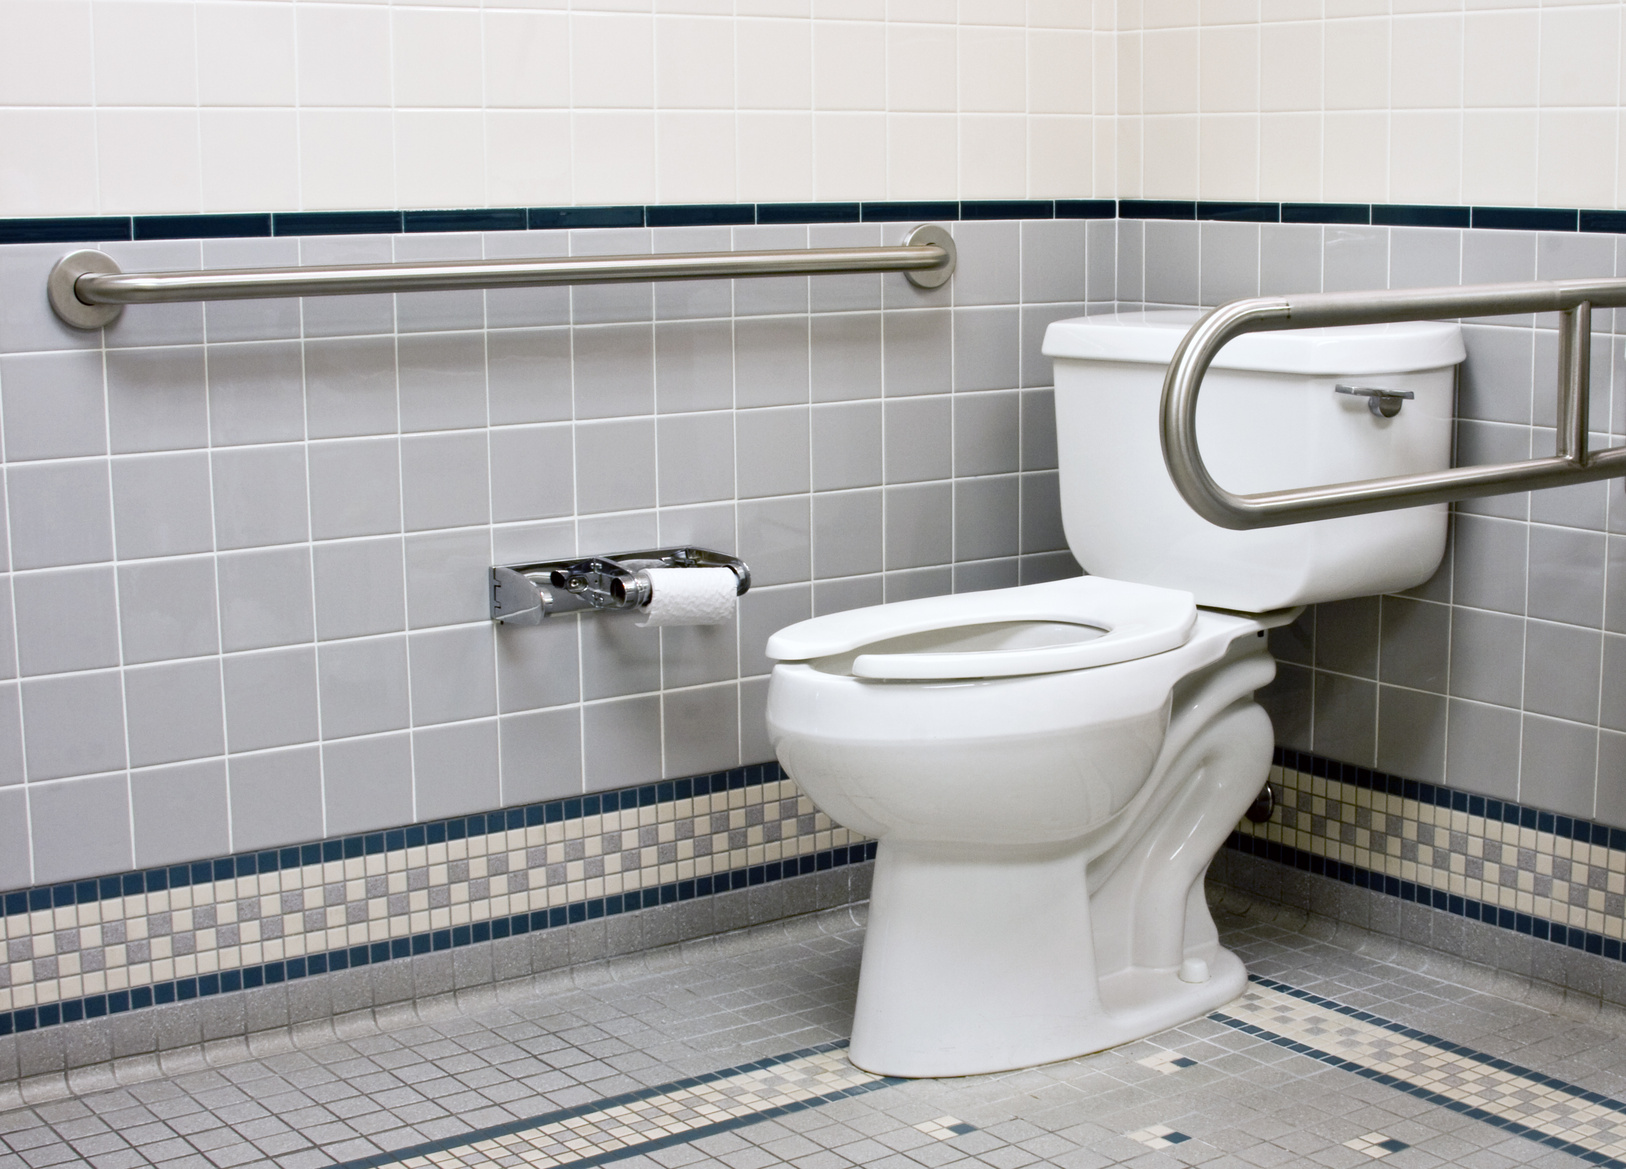 conseils d ergoth rapeute pour bien choisir sa barre d appui f d ration des malades handicap s. Black Bedroom Furniture Sets. Home Design Ideas